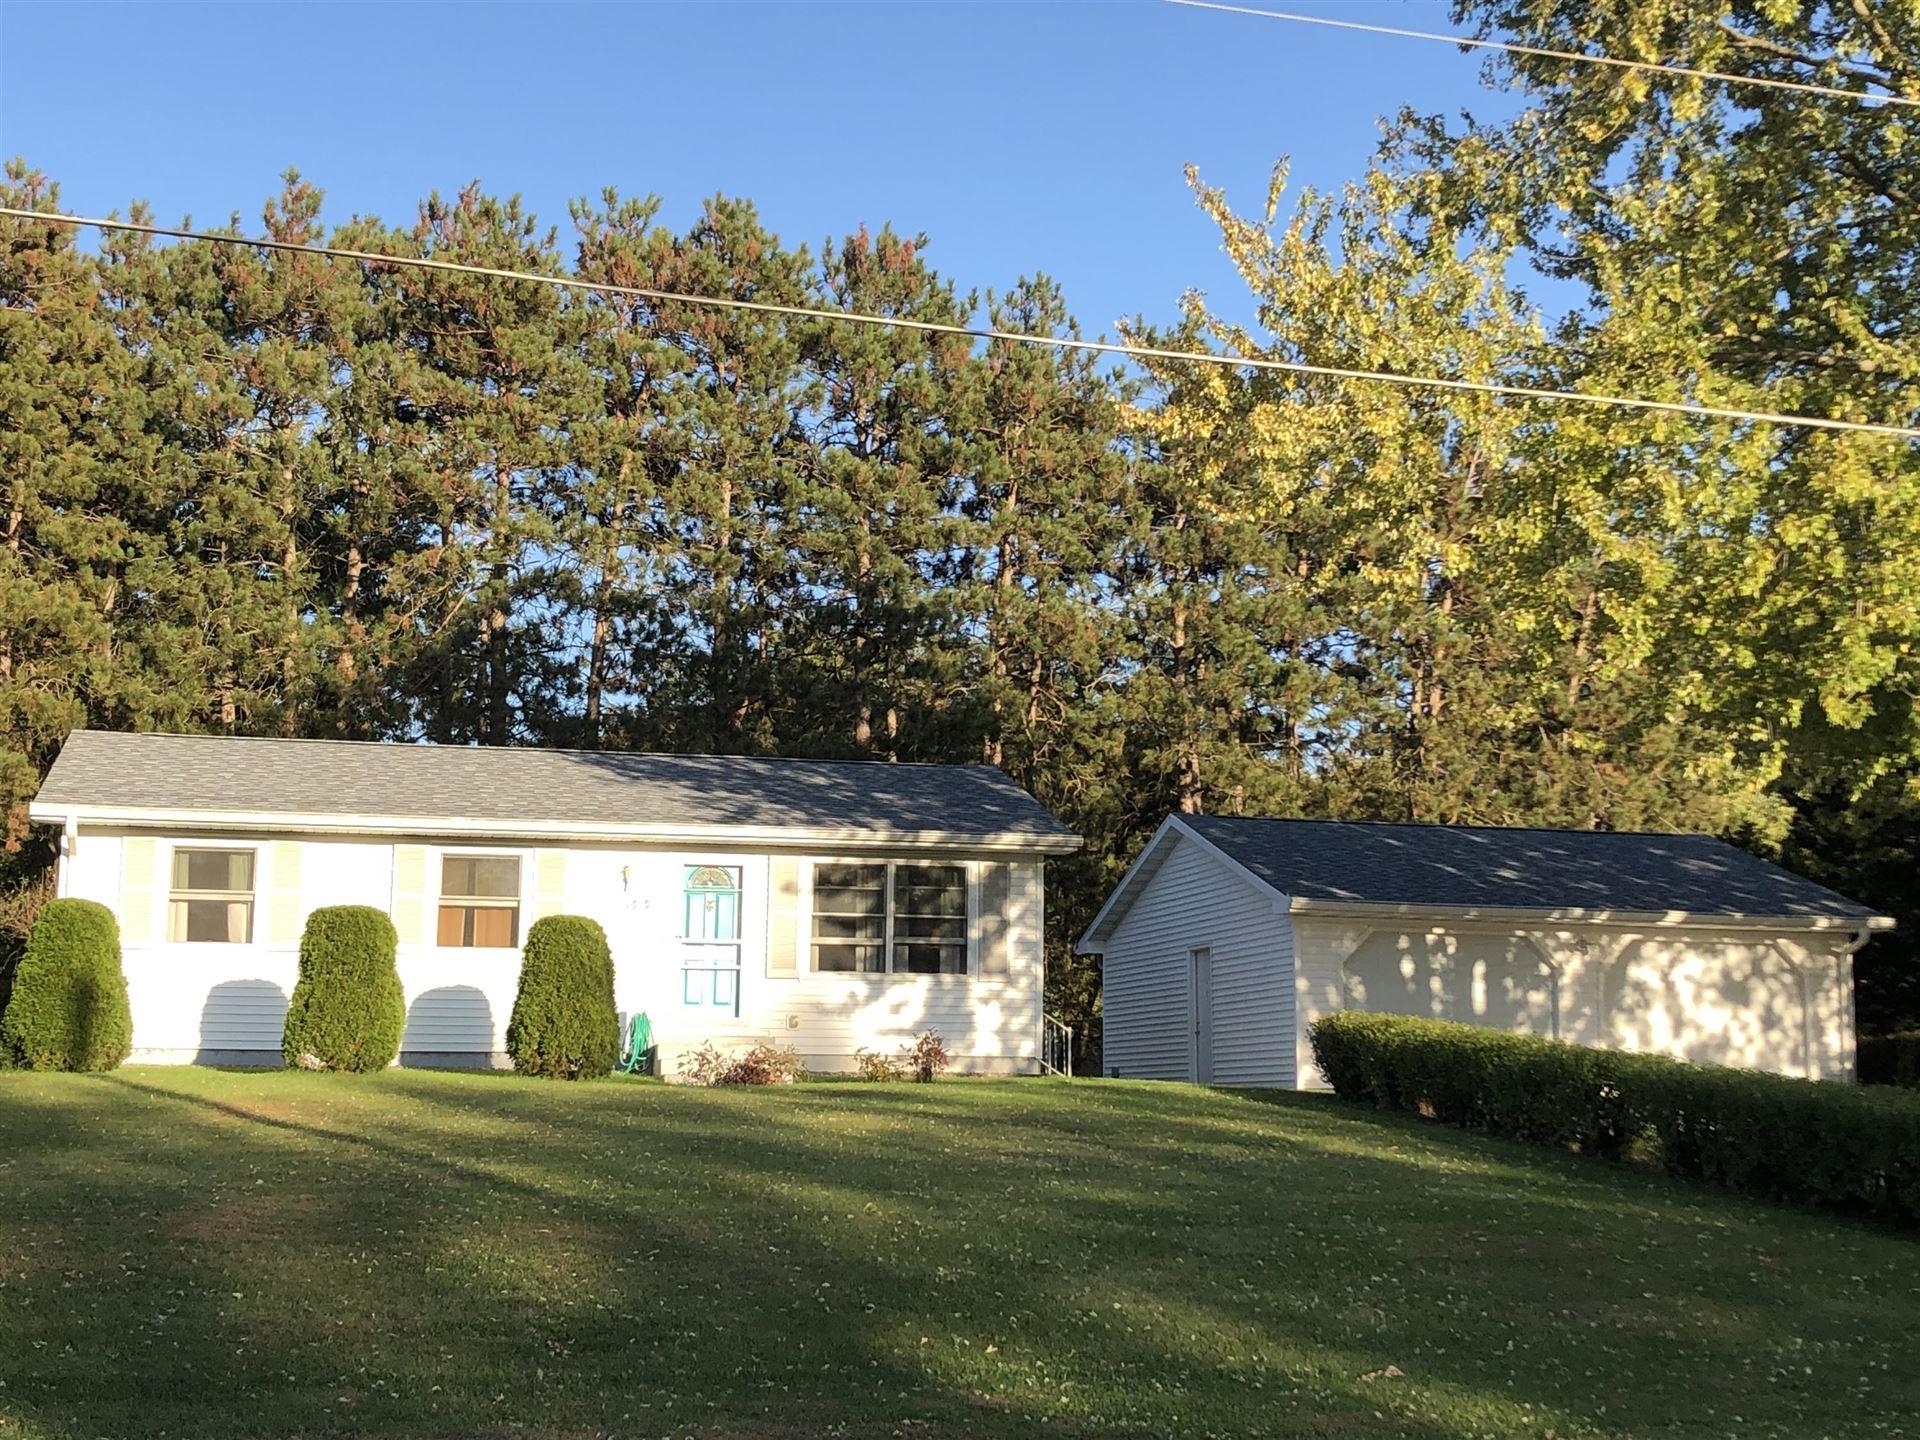 1609 Sand Lake Rd, Holmen, WI 54636 - MLS#: 1714412